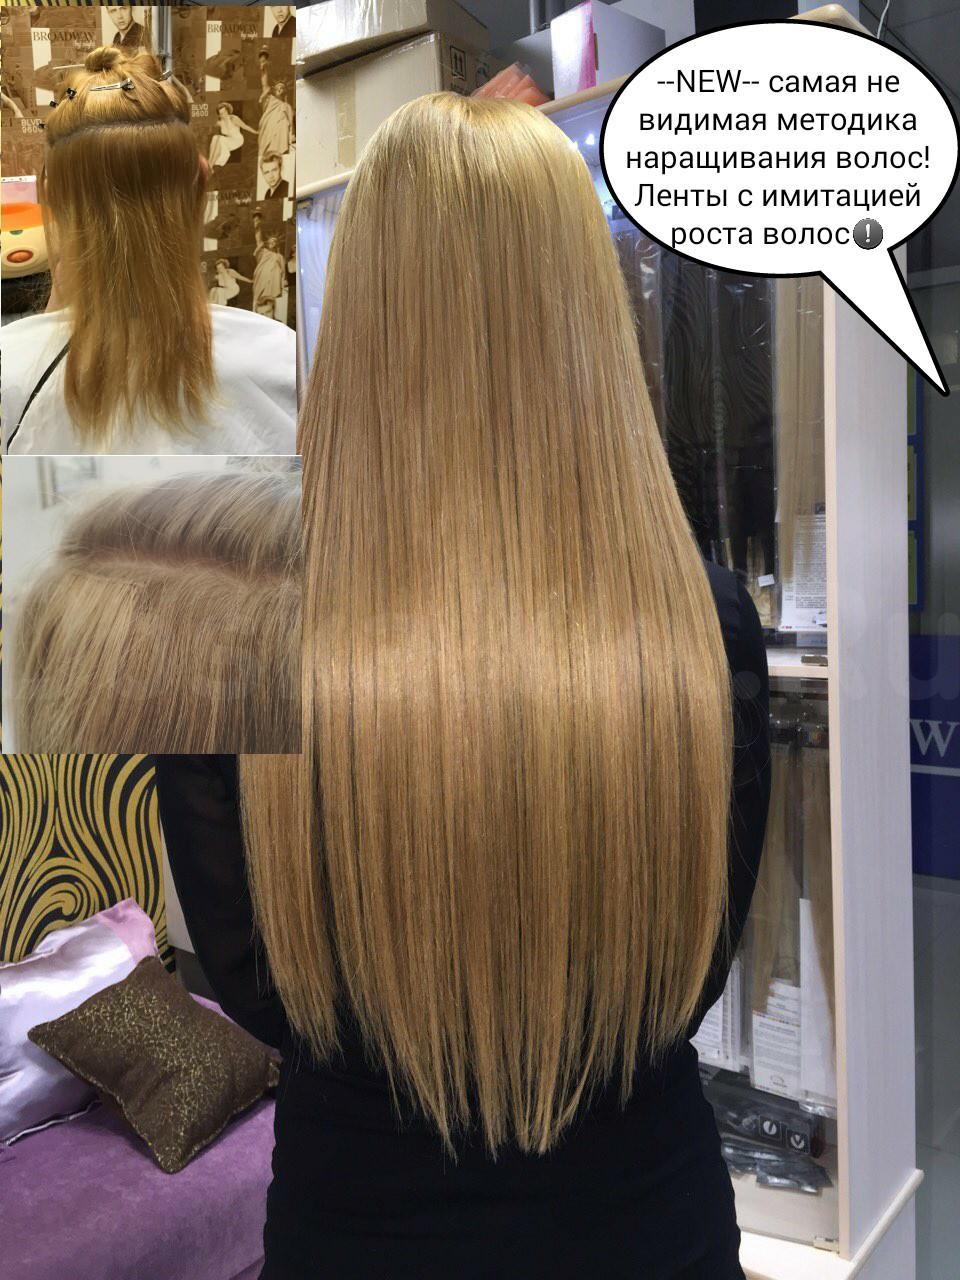 Наращивание волос если свои волосы пушистые